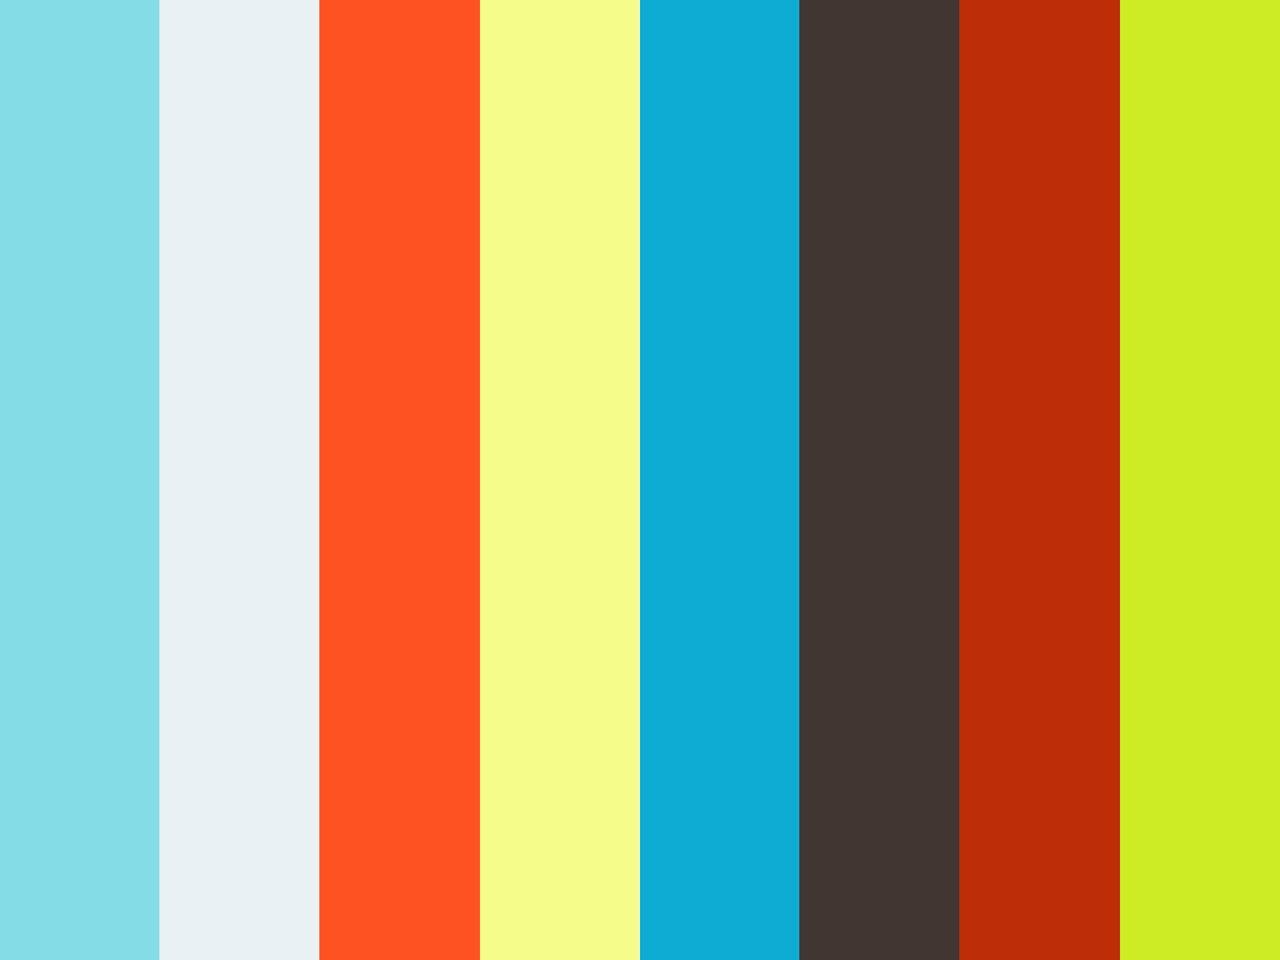 συνάντηση #3 : Αντώνης Κατσαρής-Λένια Σορόκου-Στέλα Φυρογένη /ΤΟ ΠΑΛΑΤΙ